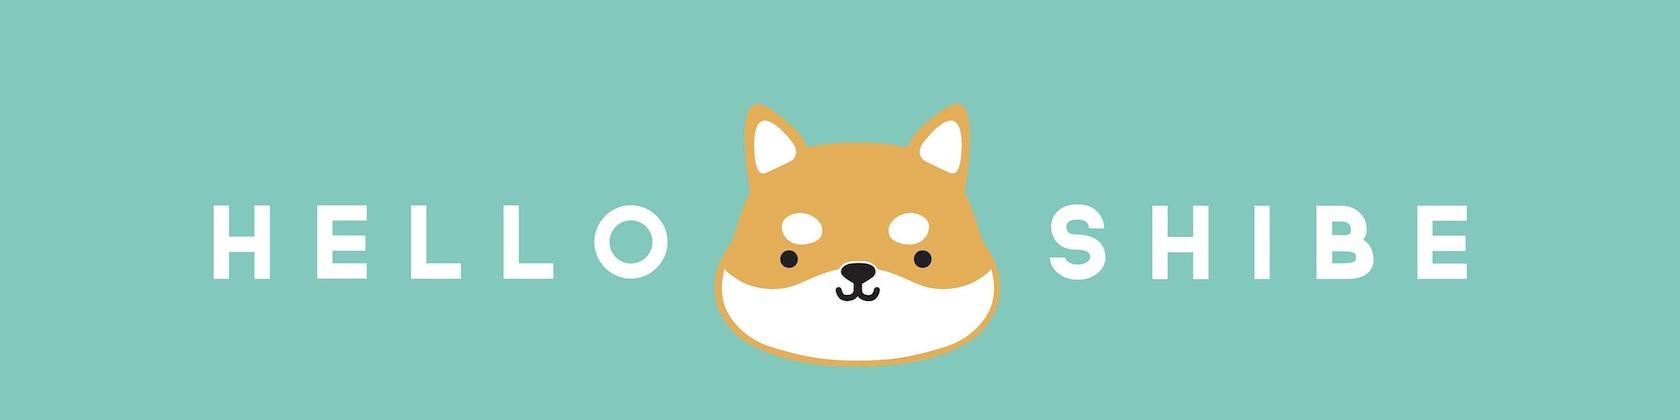 Handcrafted Pet Accessories von helloshibe auf Etsy